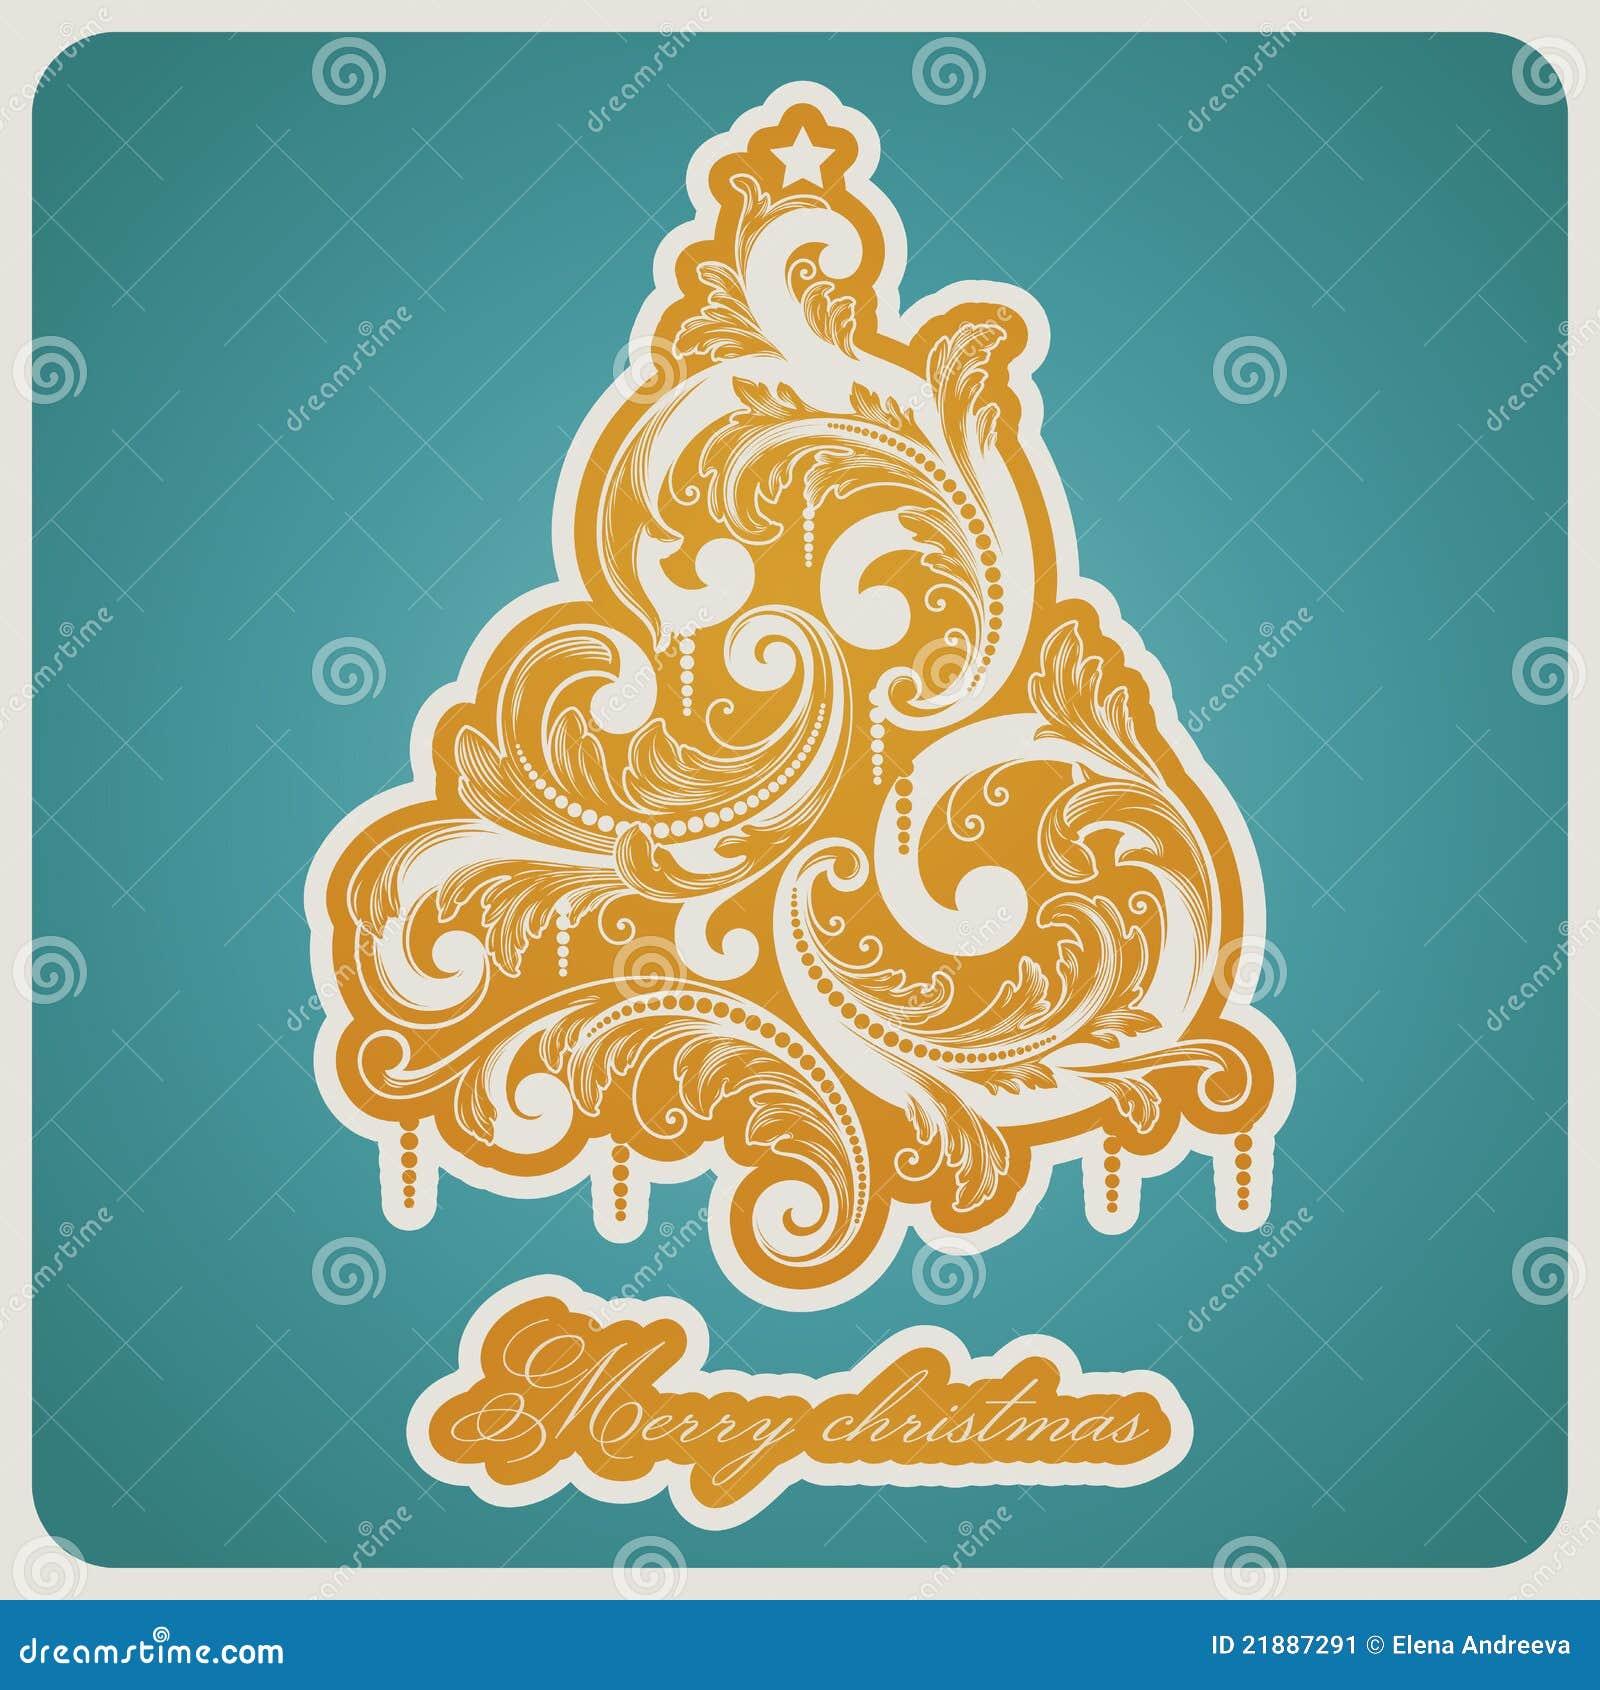 Rbol de navidad barroco elegante del estilo imagen de - Arbol navidad elegante ...